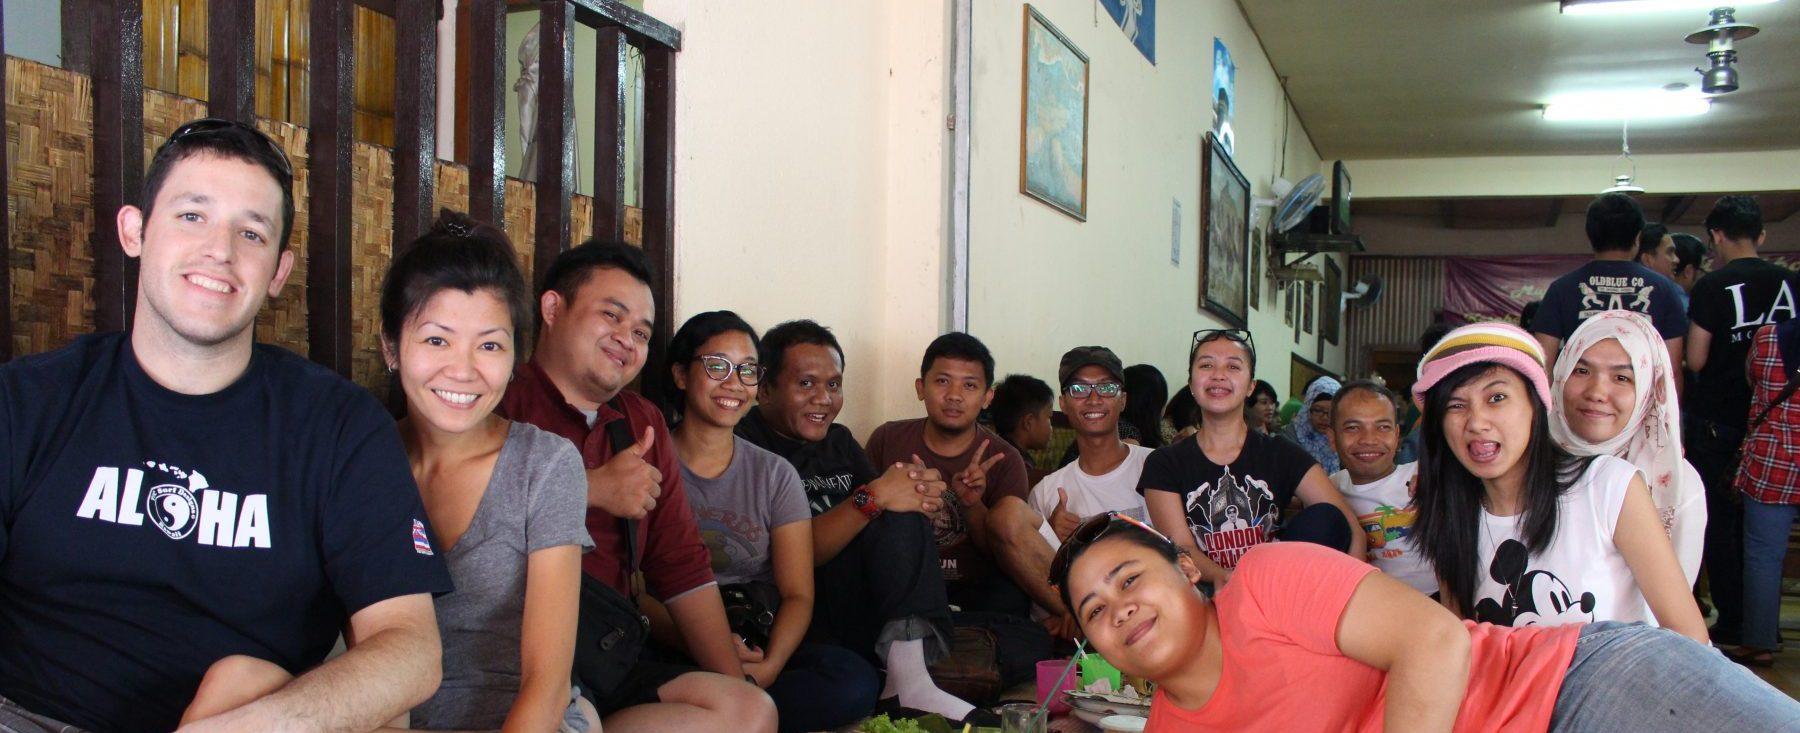 Dan and Lynn Experteering in Indonesia